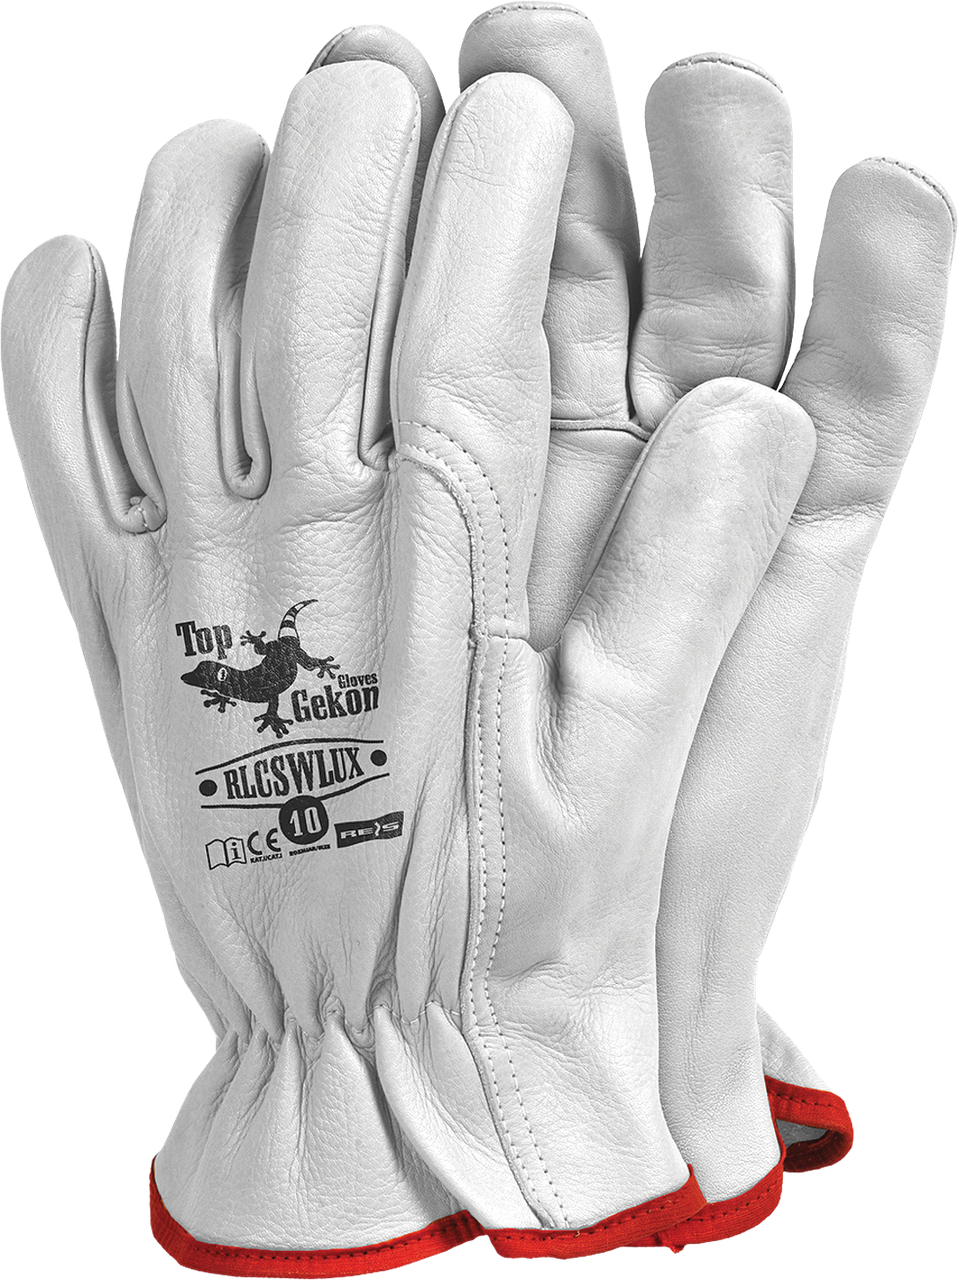 Перчатки  RLCSWLUX W кожаные рабочие REIS (RAW-POL) Польша